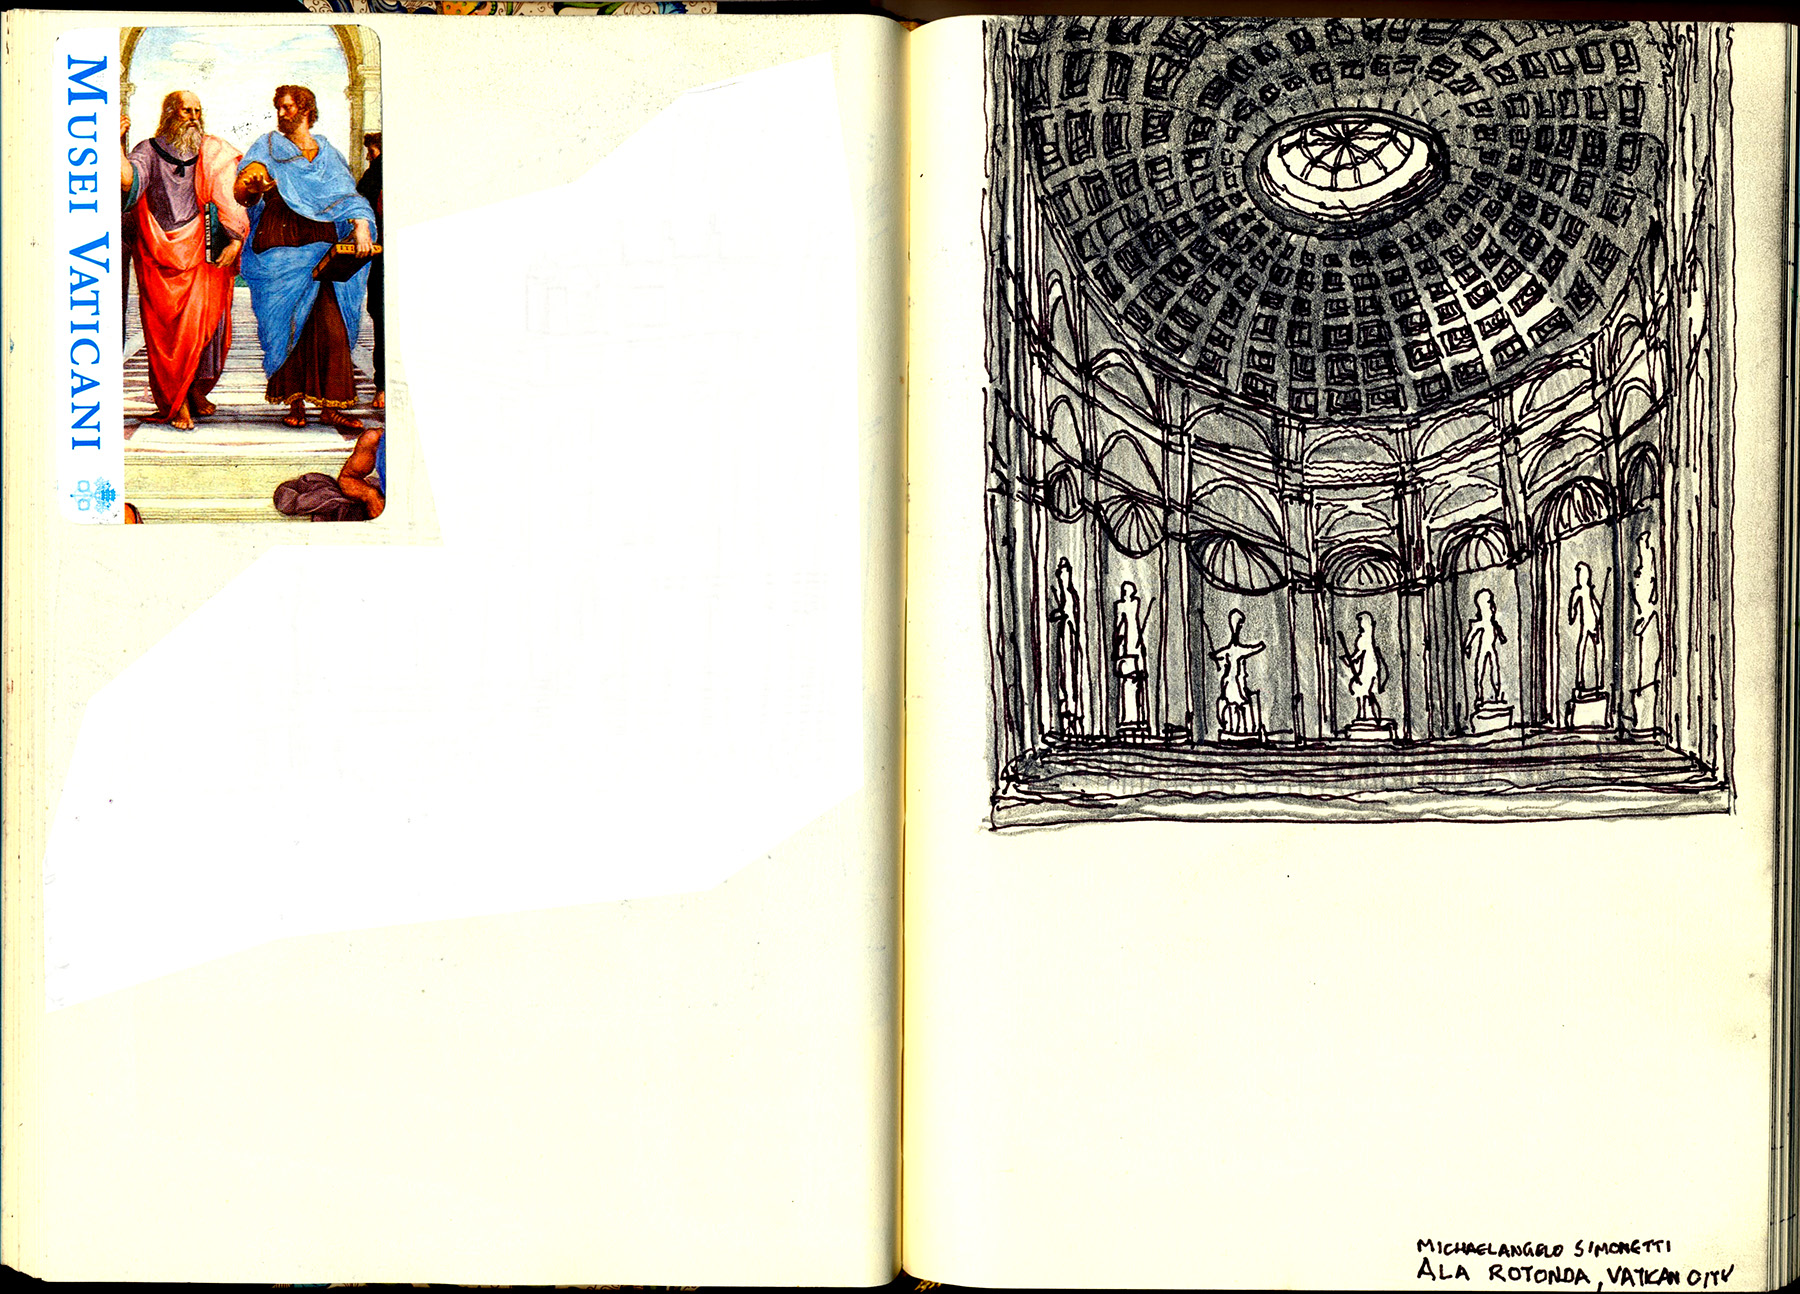 151020_Vatican_AllaRotonda_WEB.jpg